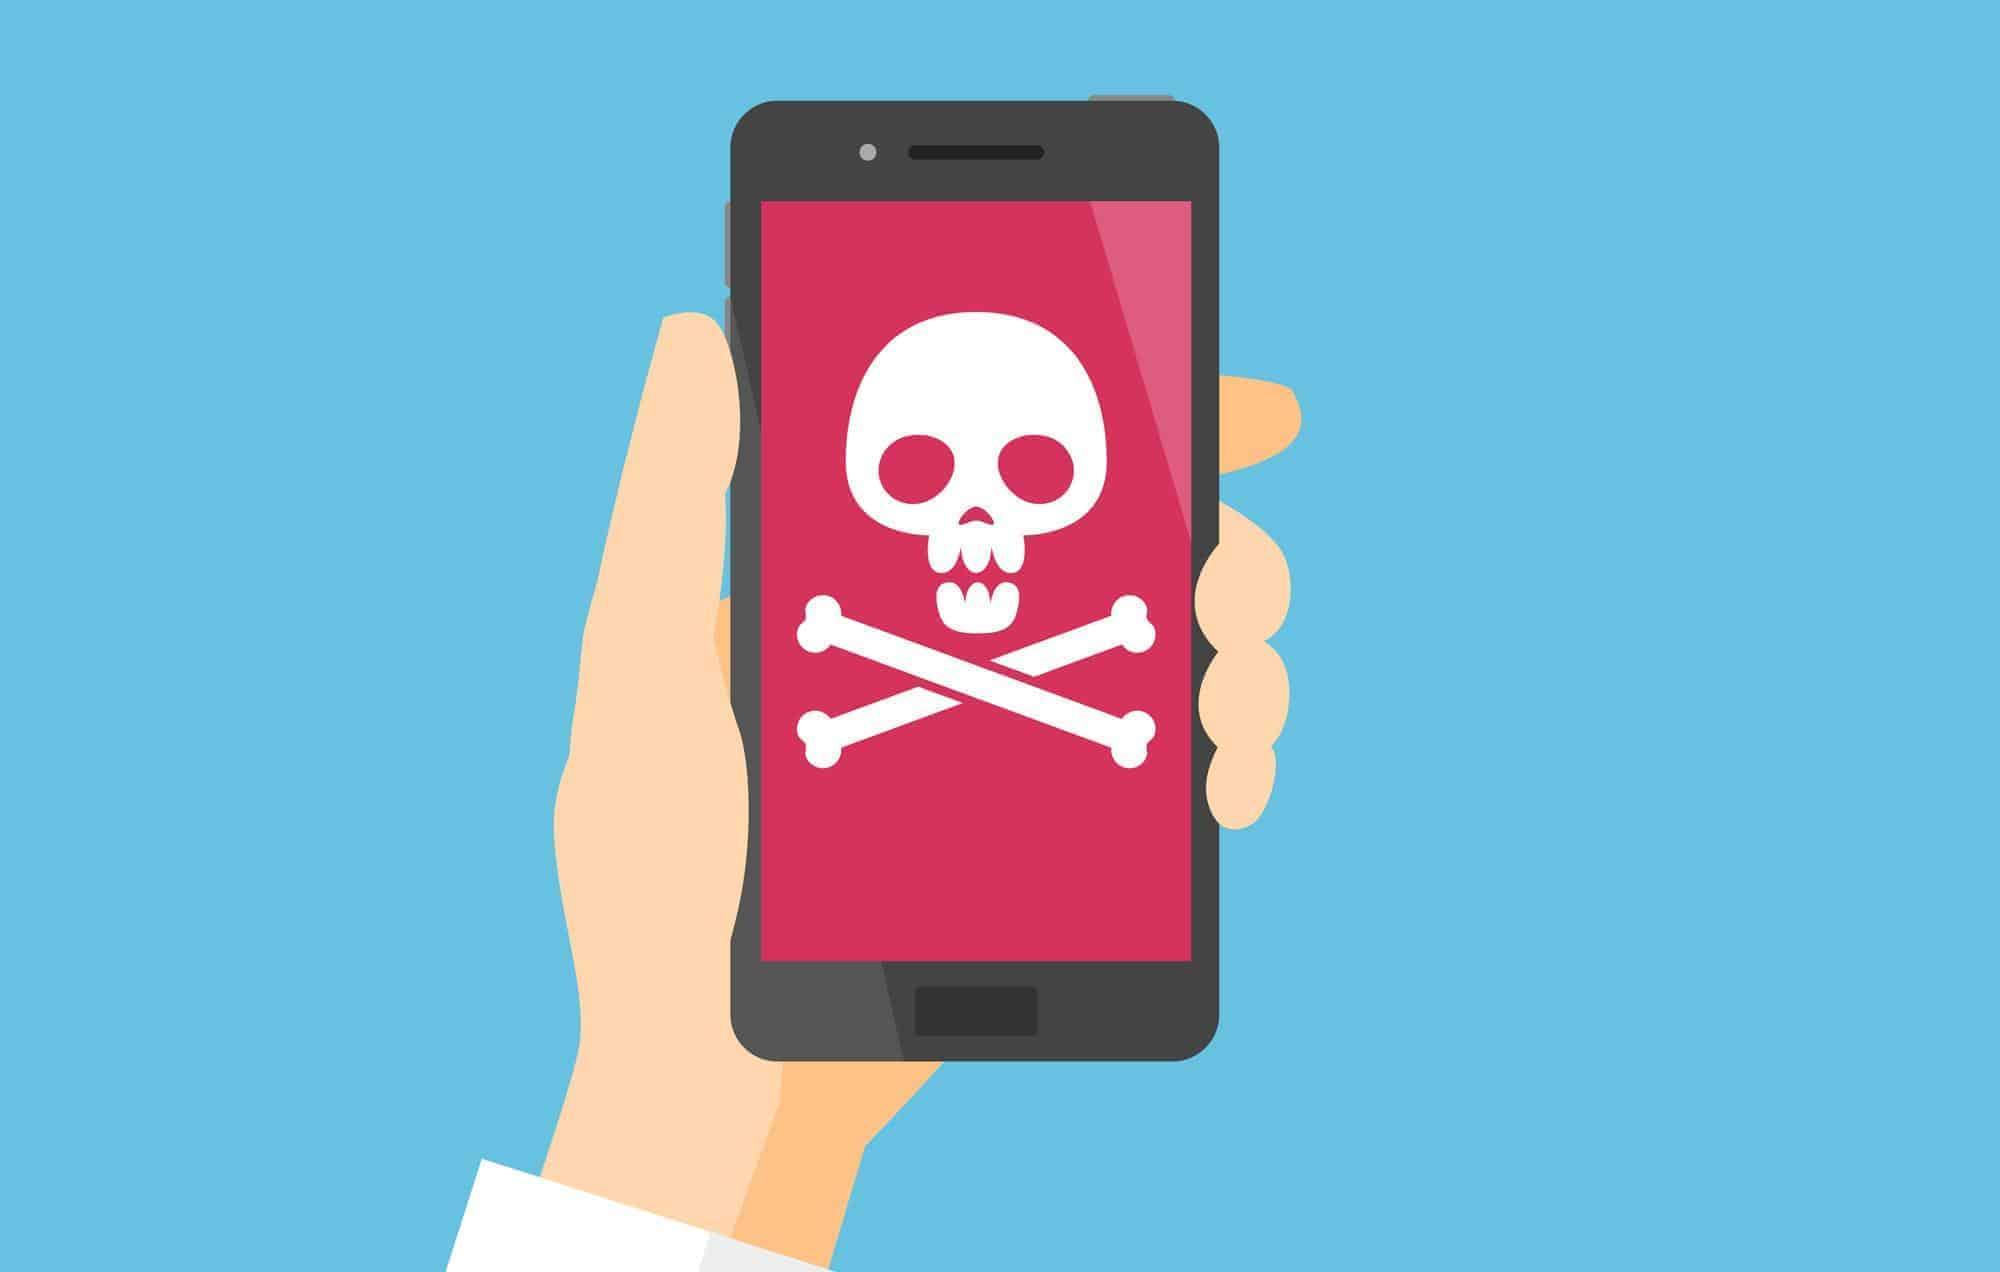 Programa para espiar en android gratis - Todo celular tem rastreador